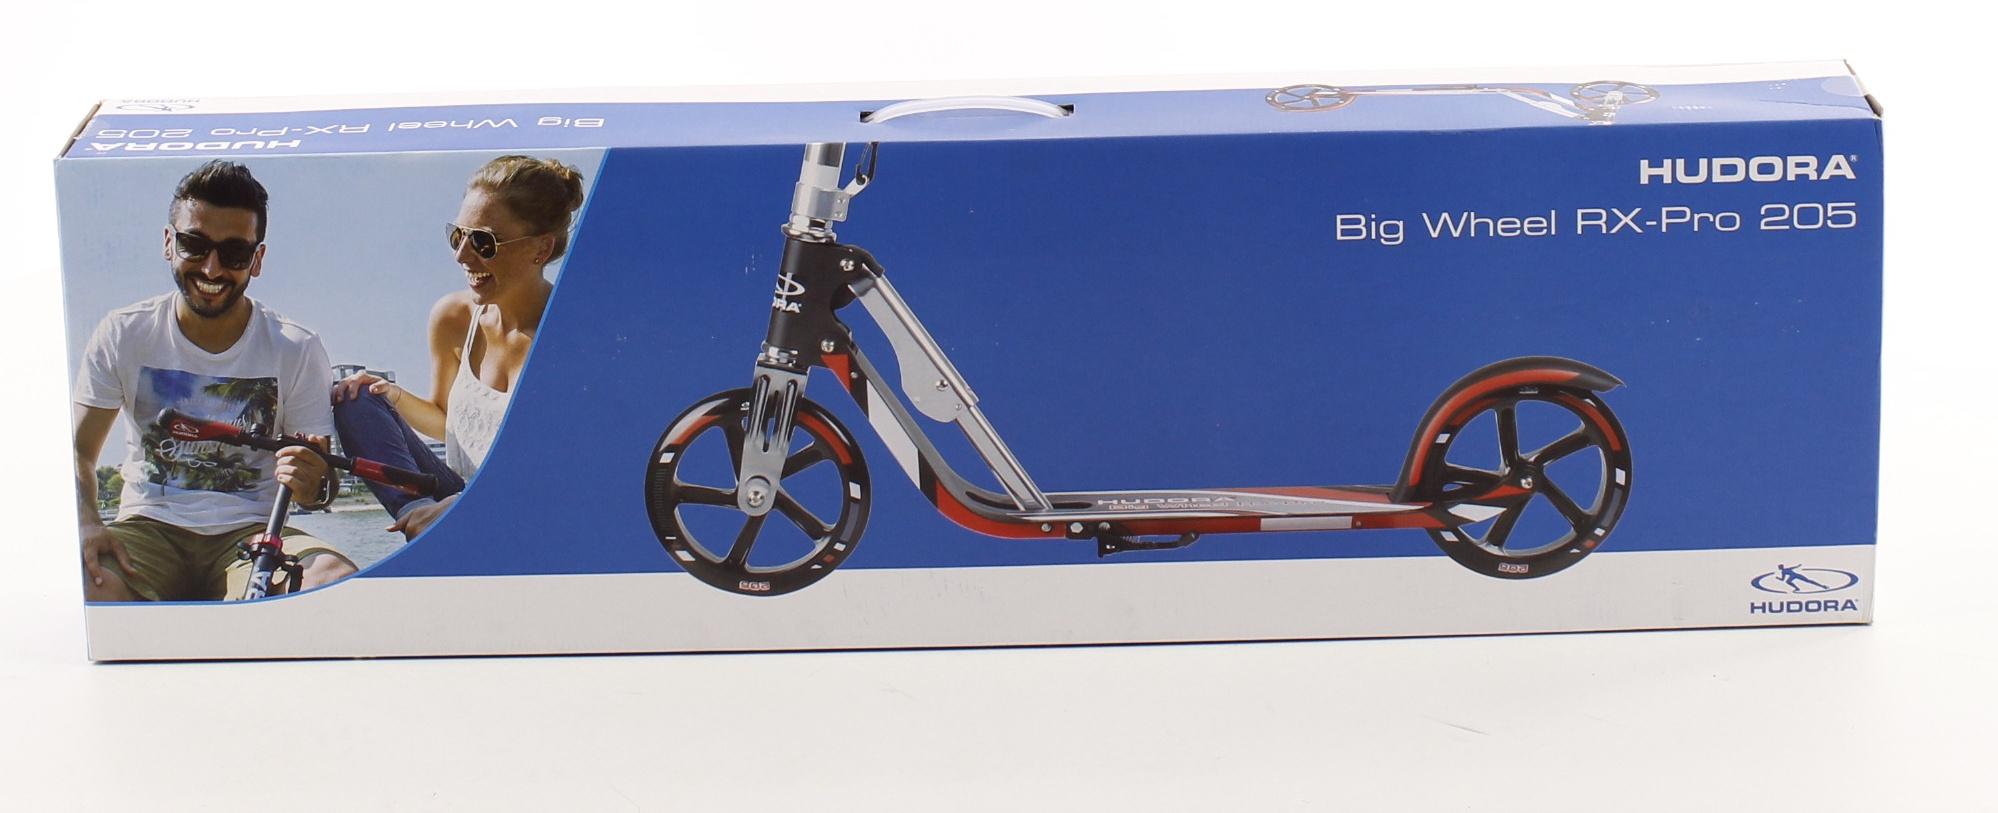 hulajnoga hudora big wheel rx pro 205 czerwona 100kg xxl sk adana. Black Bedroom Furniture Sets. Home Design Ideas